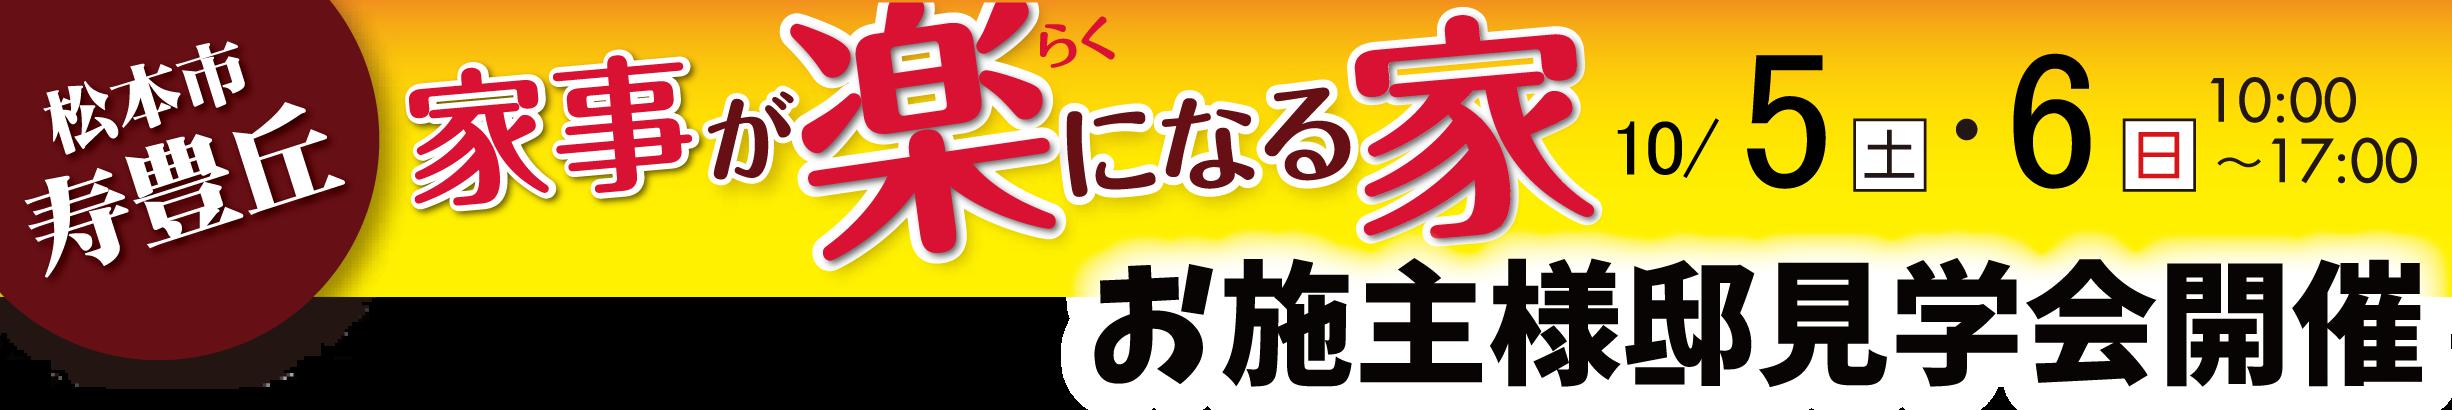 kotobuki2_01